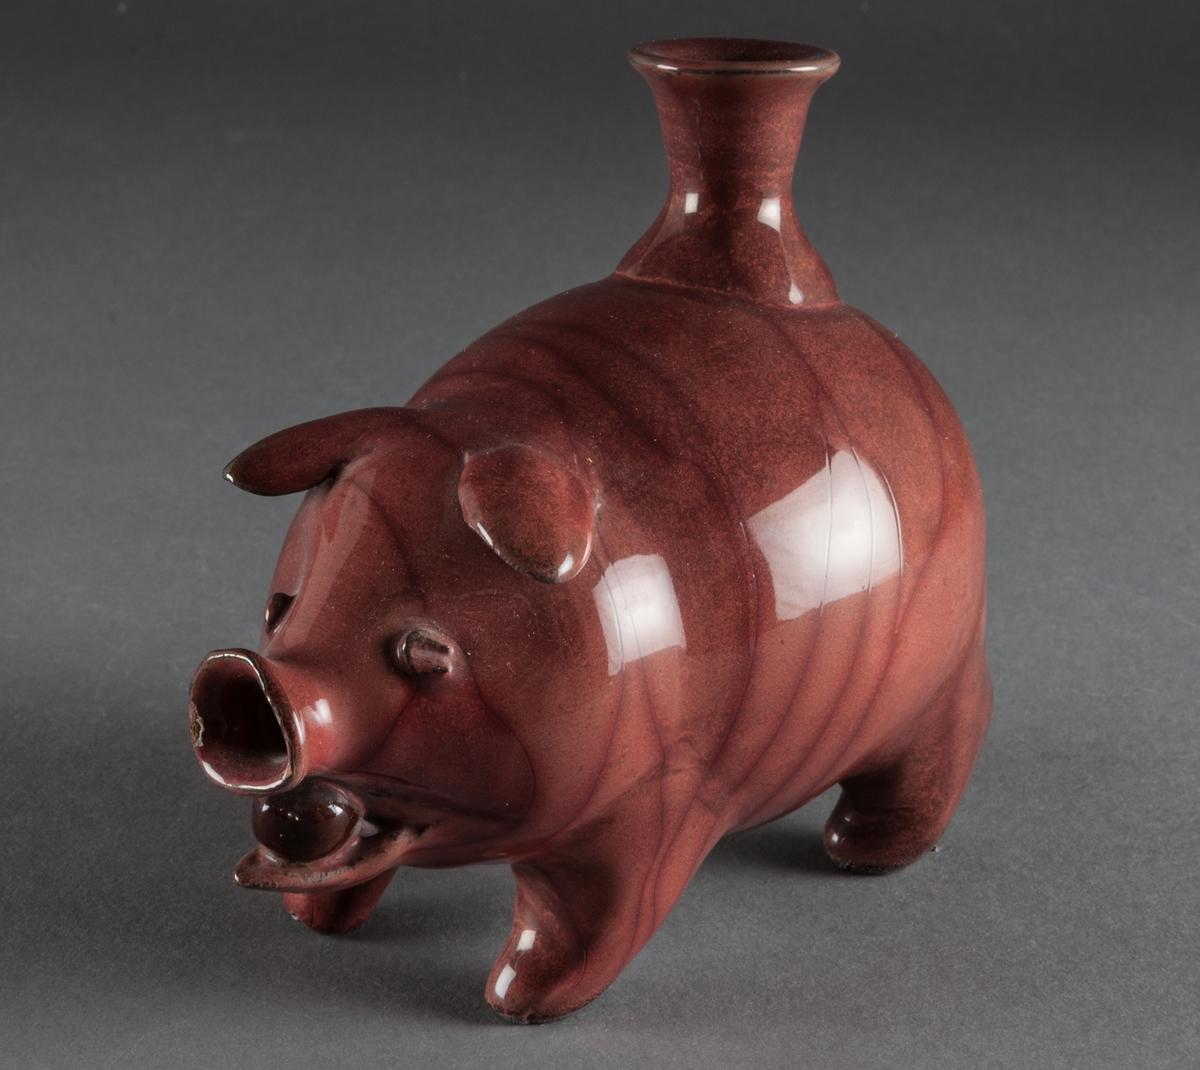 Gris med ljushållare, Bo Fajans, design Allan Ebeling. Rödbrun glasyr, längd 12,5 cm, höjd 12 cm.